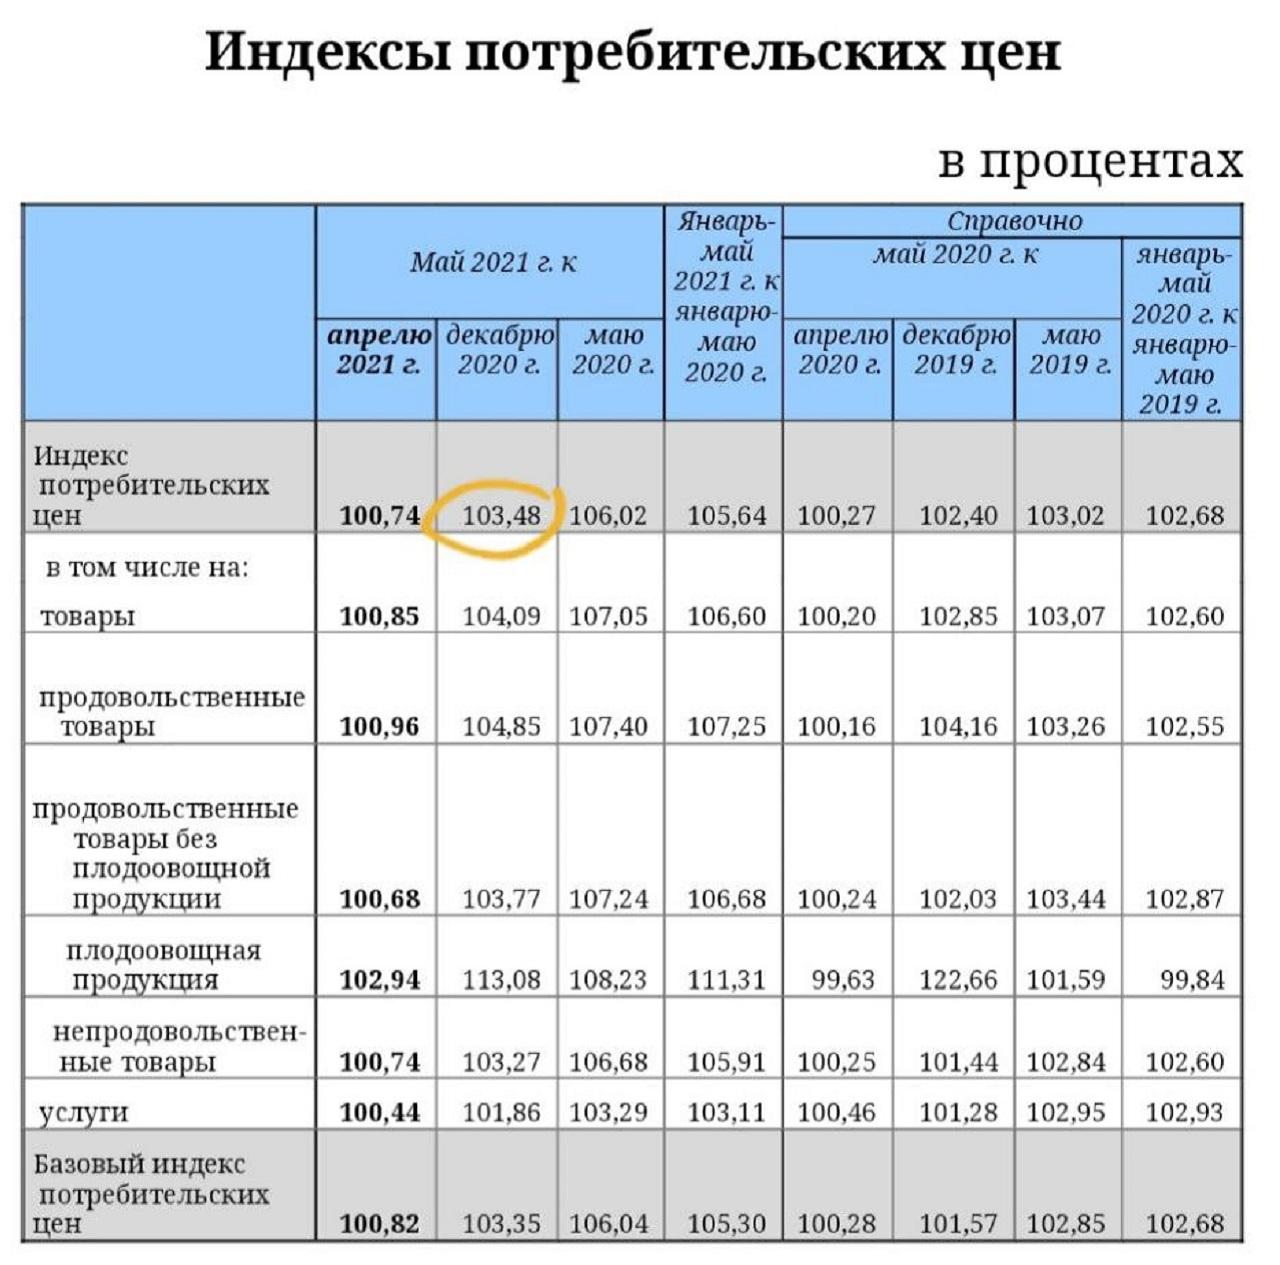 Цены в Челябинске: эксперты оценили стоимость товаров и уровень инфляции